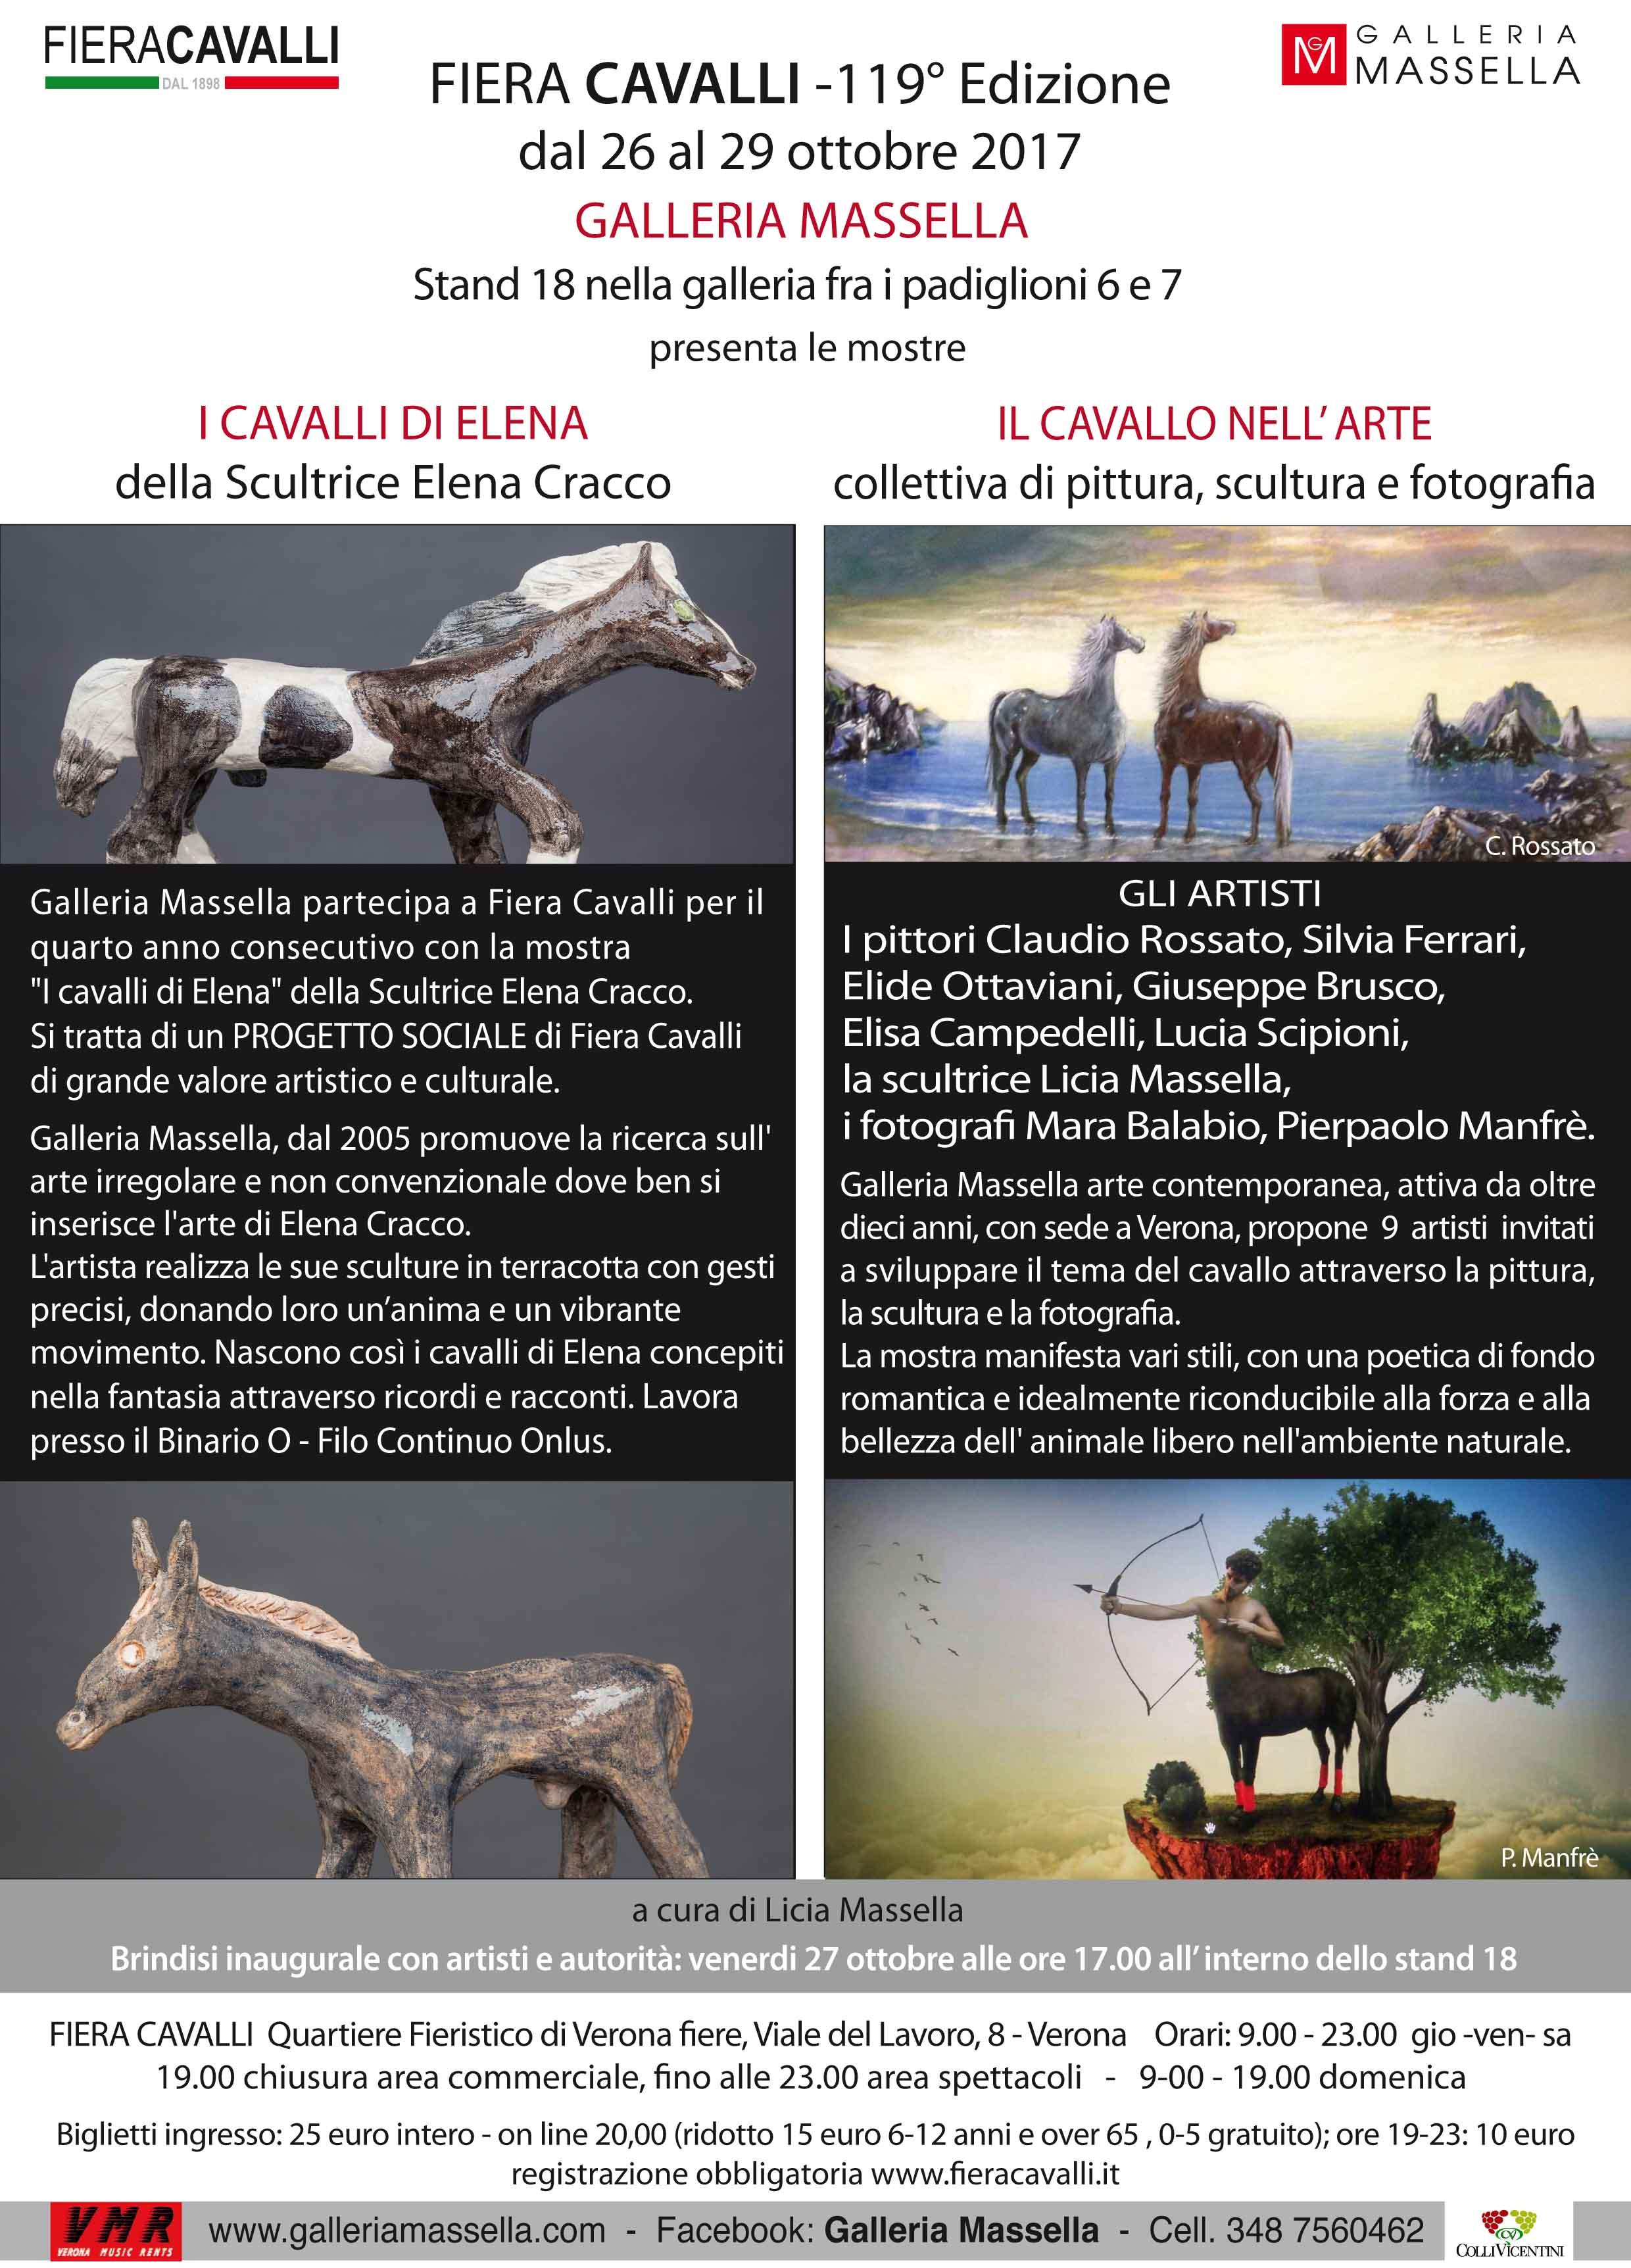 FIERA CAVALLI -119° Edizione dal 26 al 29 ottobre 2017